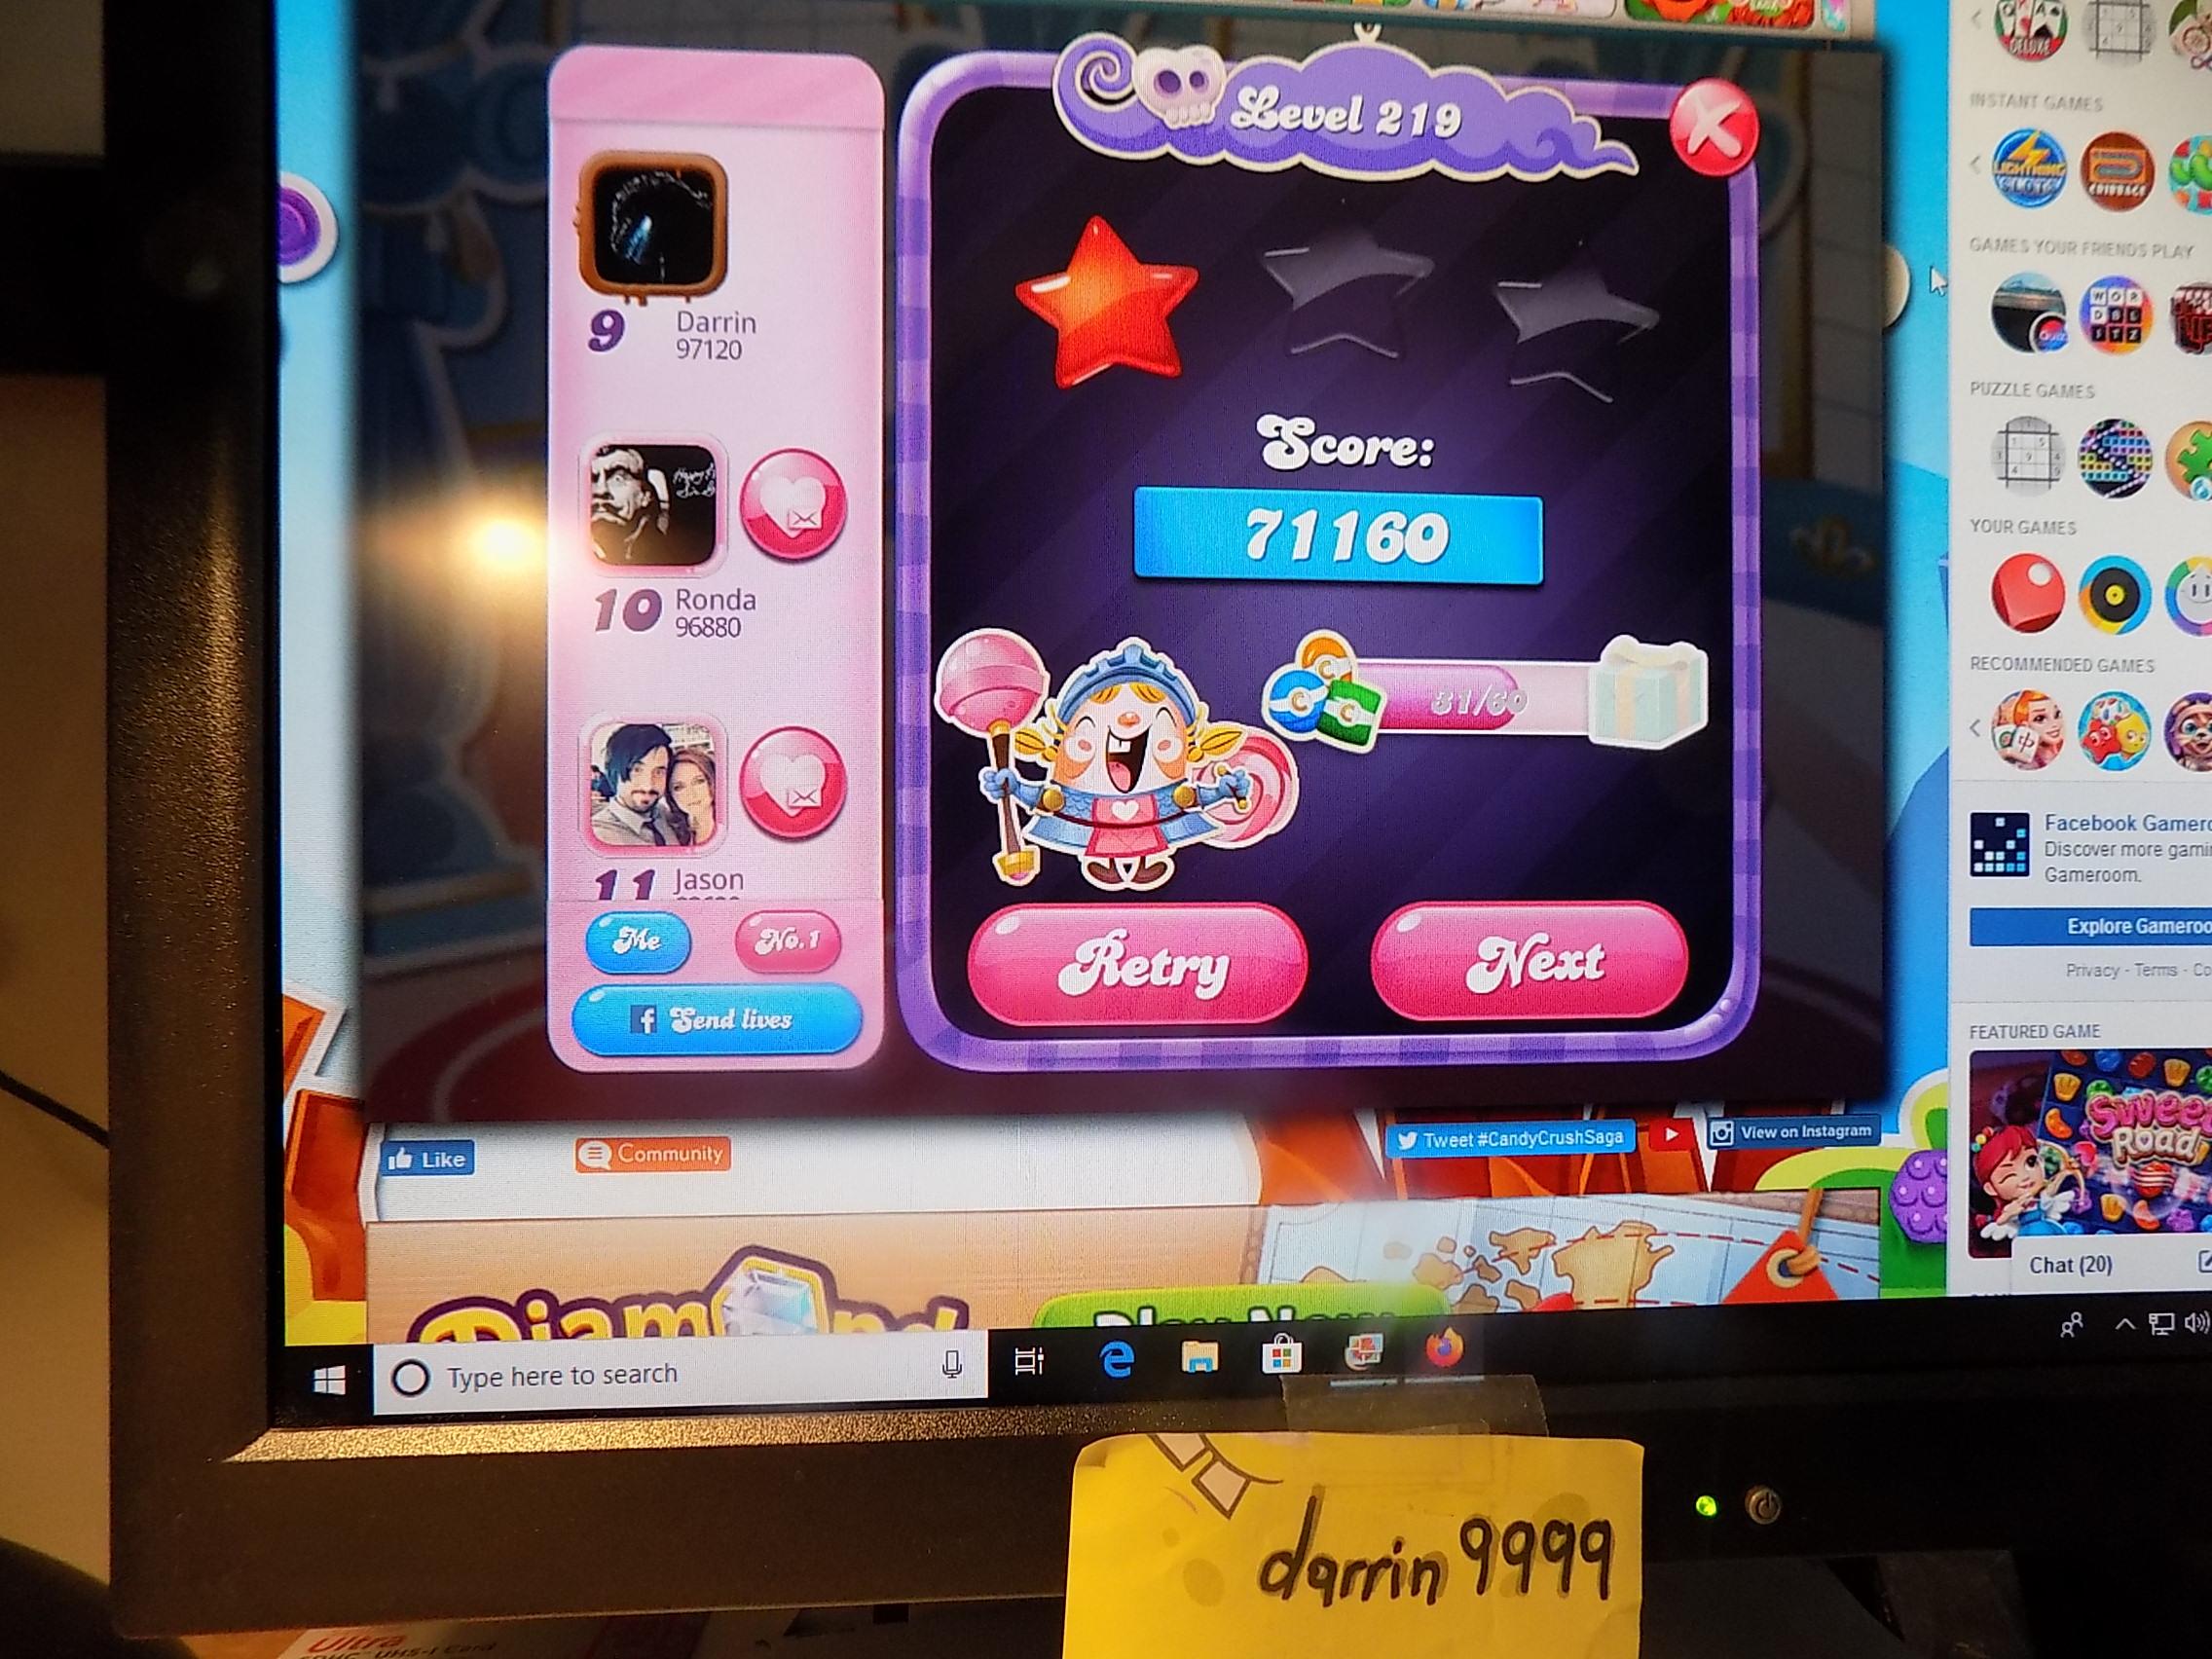 darrin9999: Candy Crush Saga: Level 219 (Web) 71,160 points on 2019-11-18 06:48:54